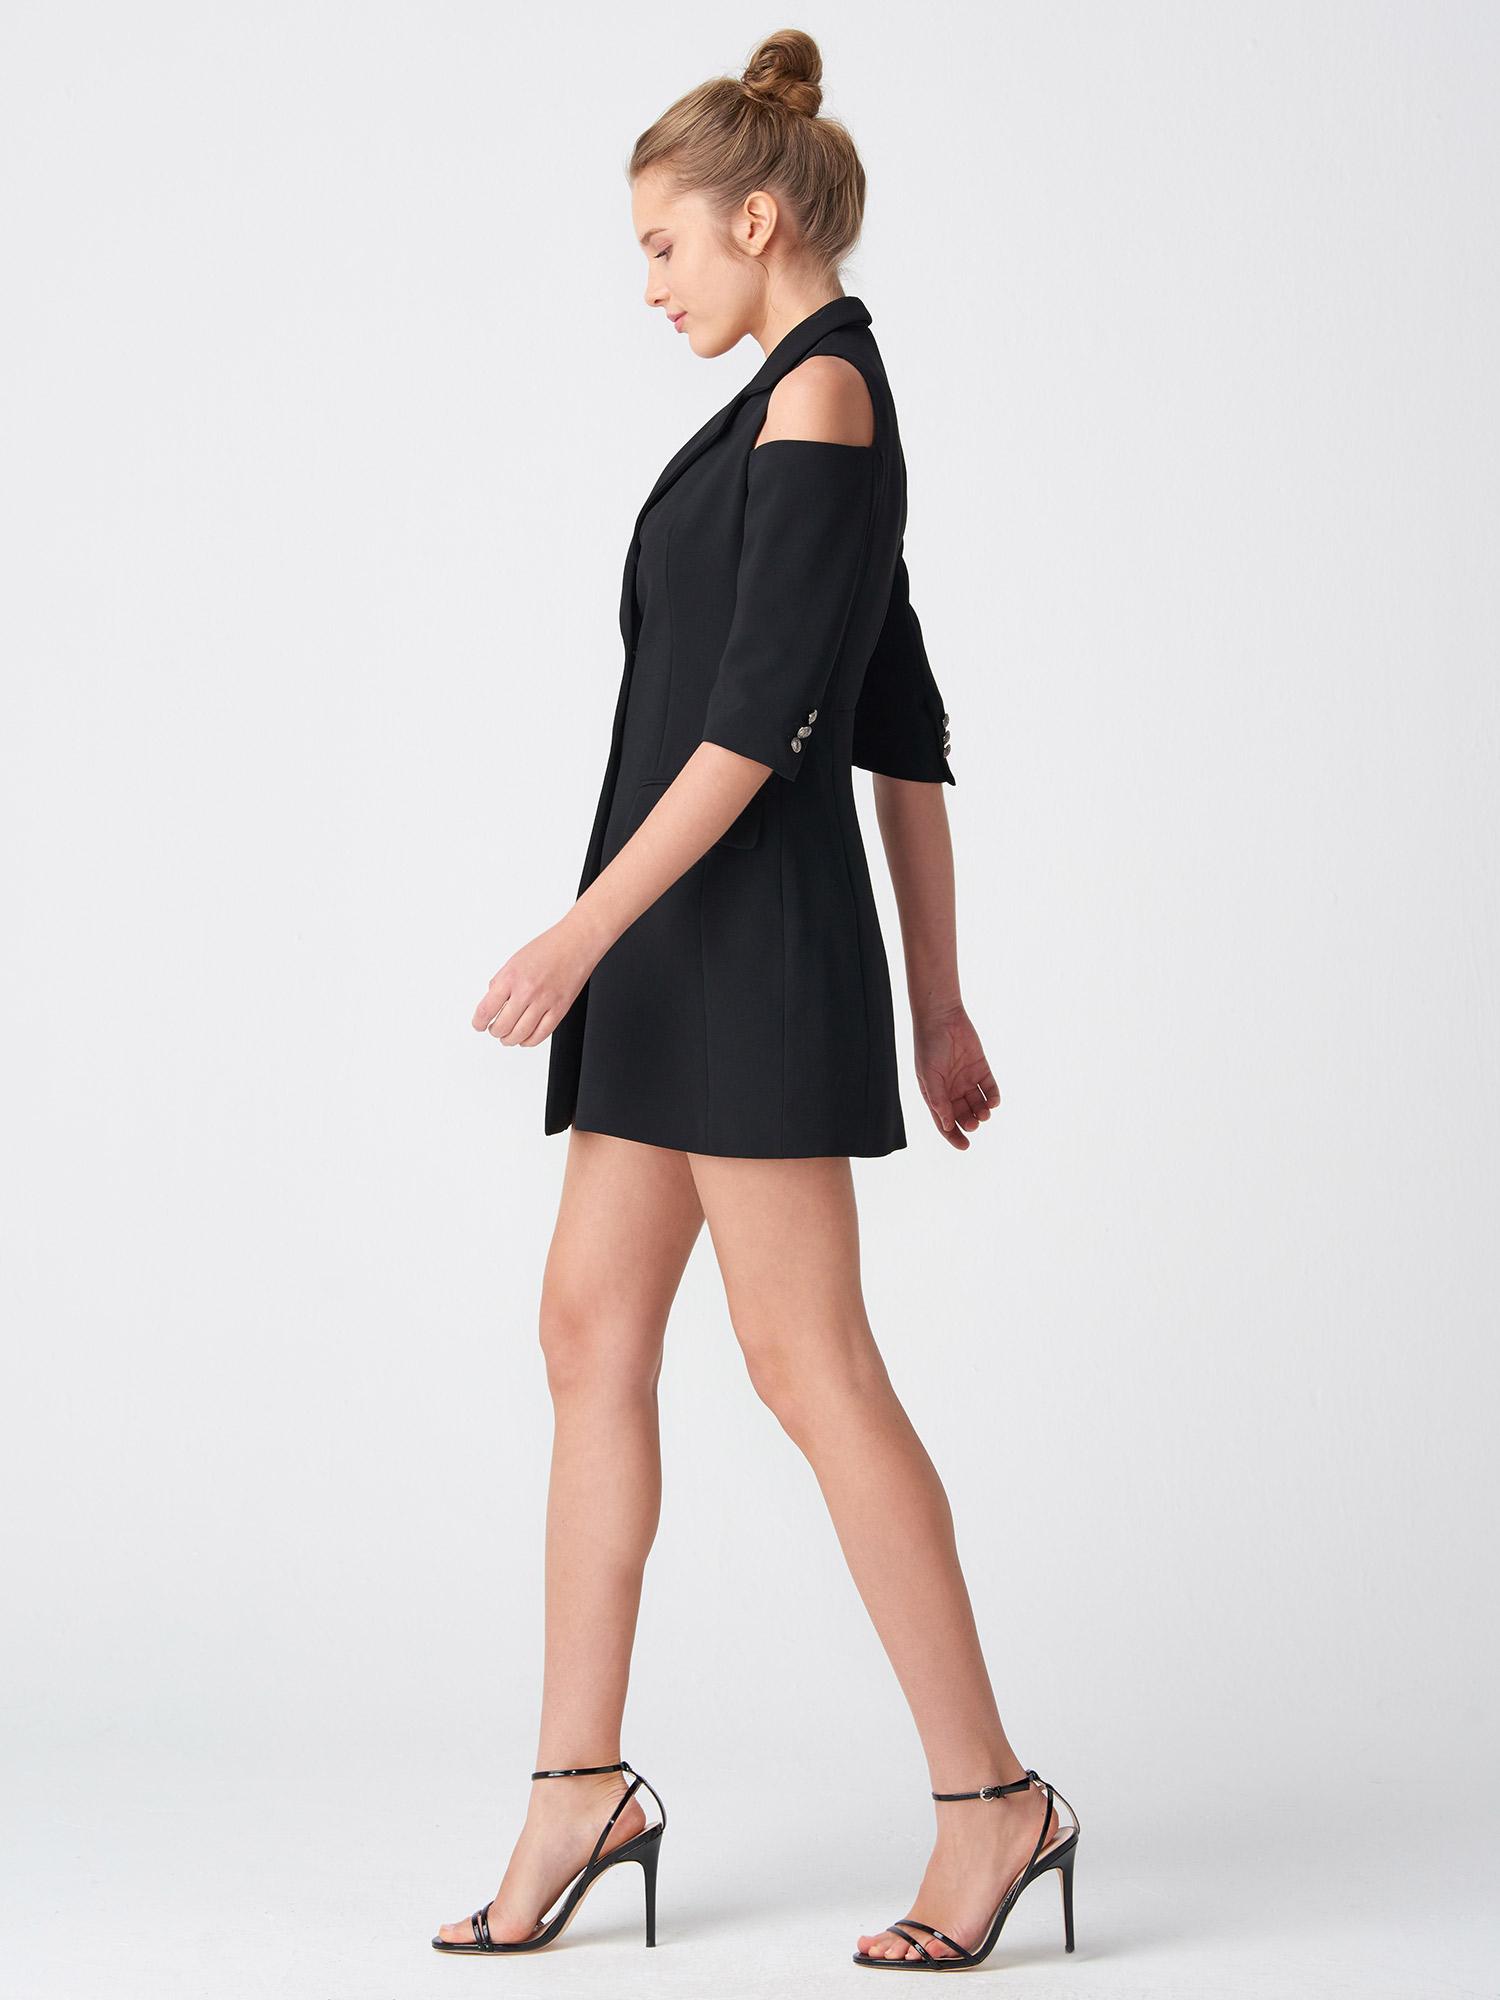 01421cd854b39 6709 Omuzu Açık Kruvaze Ceket Elbise-Siyah   CEKET   DILVIN